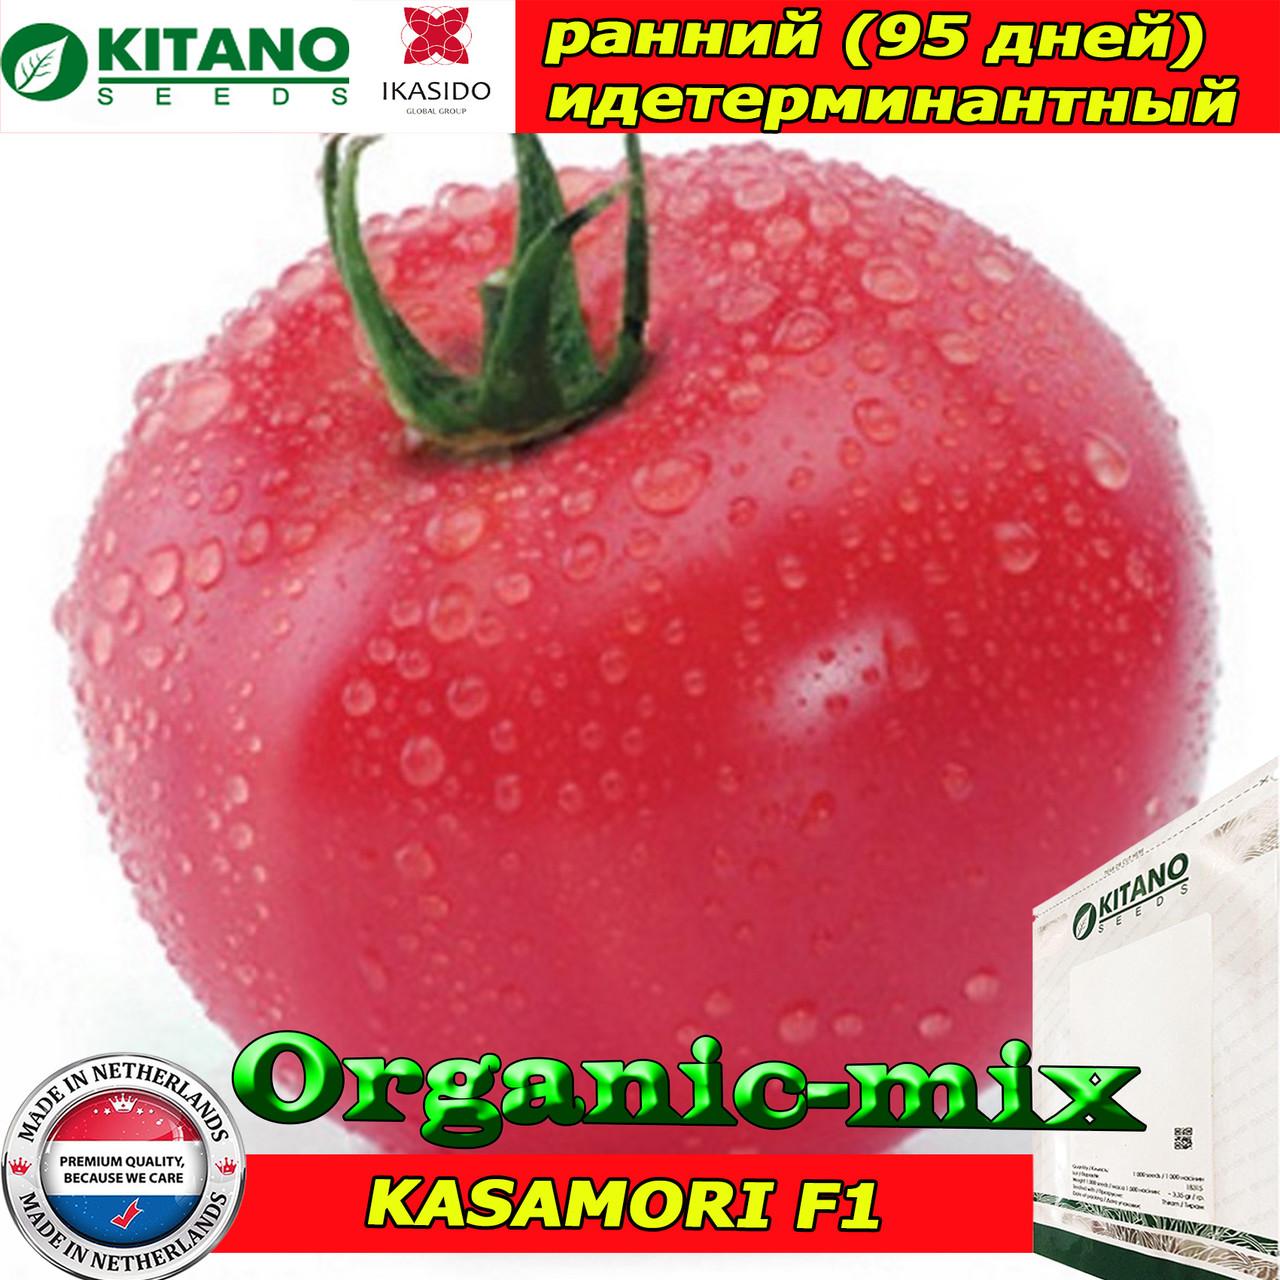 Томат розовый КАСАМОРИ F1 / KASAMORI F1, 500 семян, ТМ Kitano Seeds,